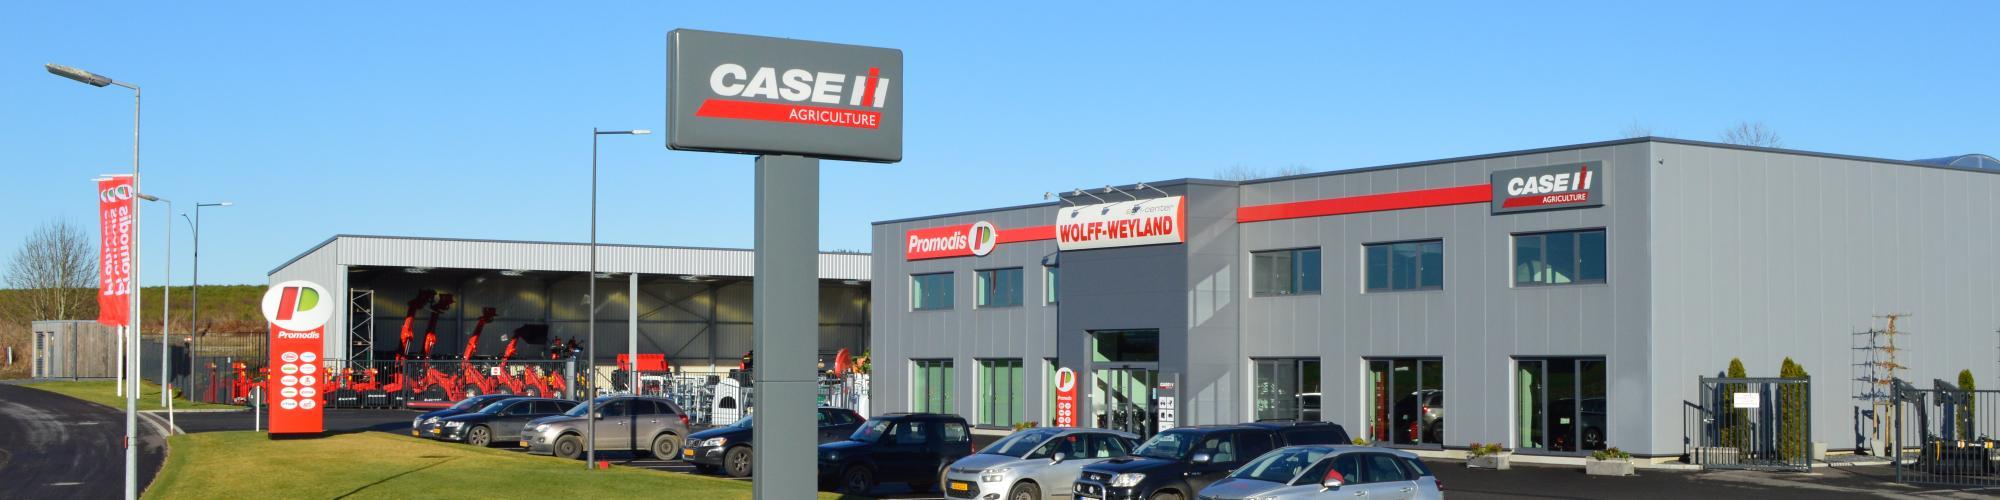 Agri-Center Wolff-Weyland